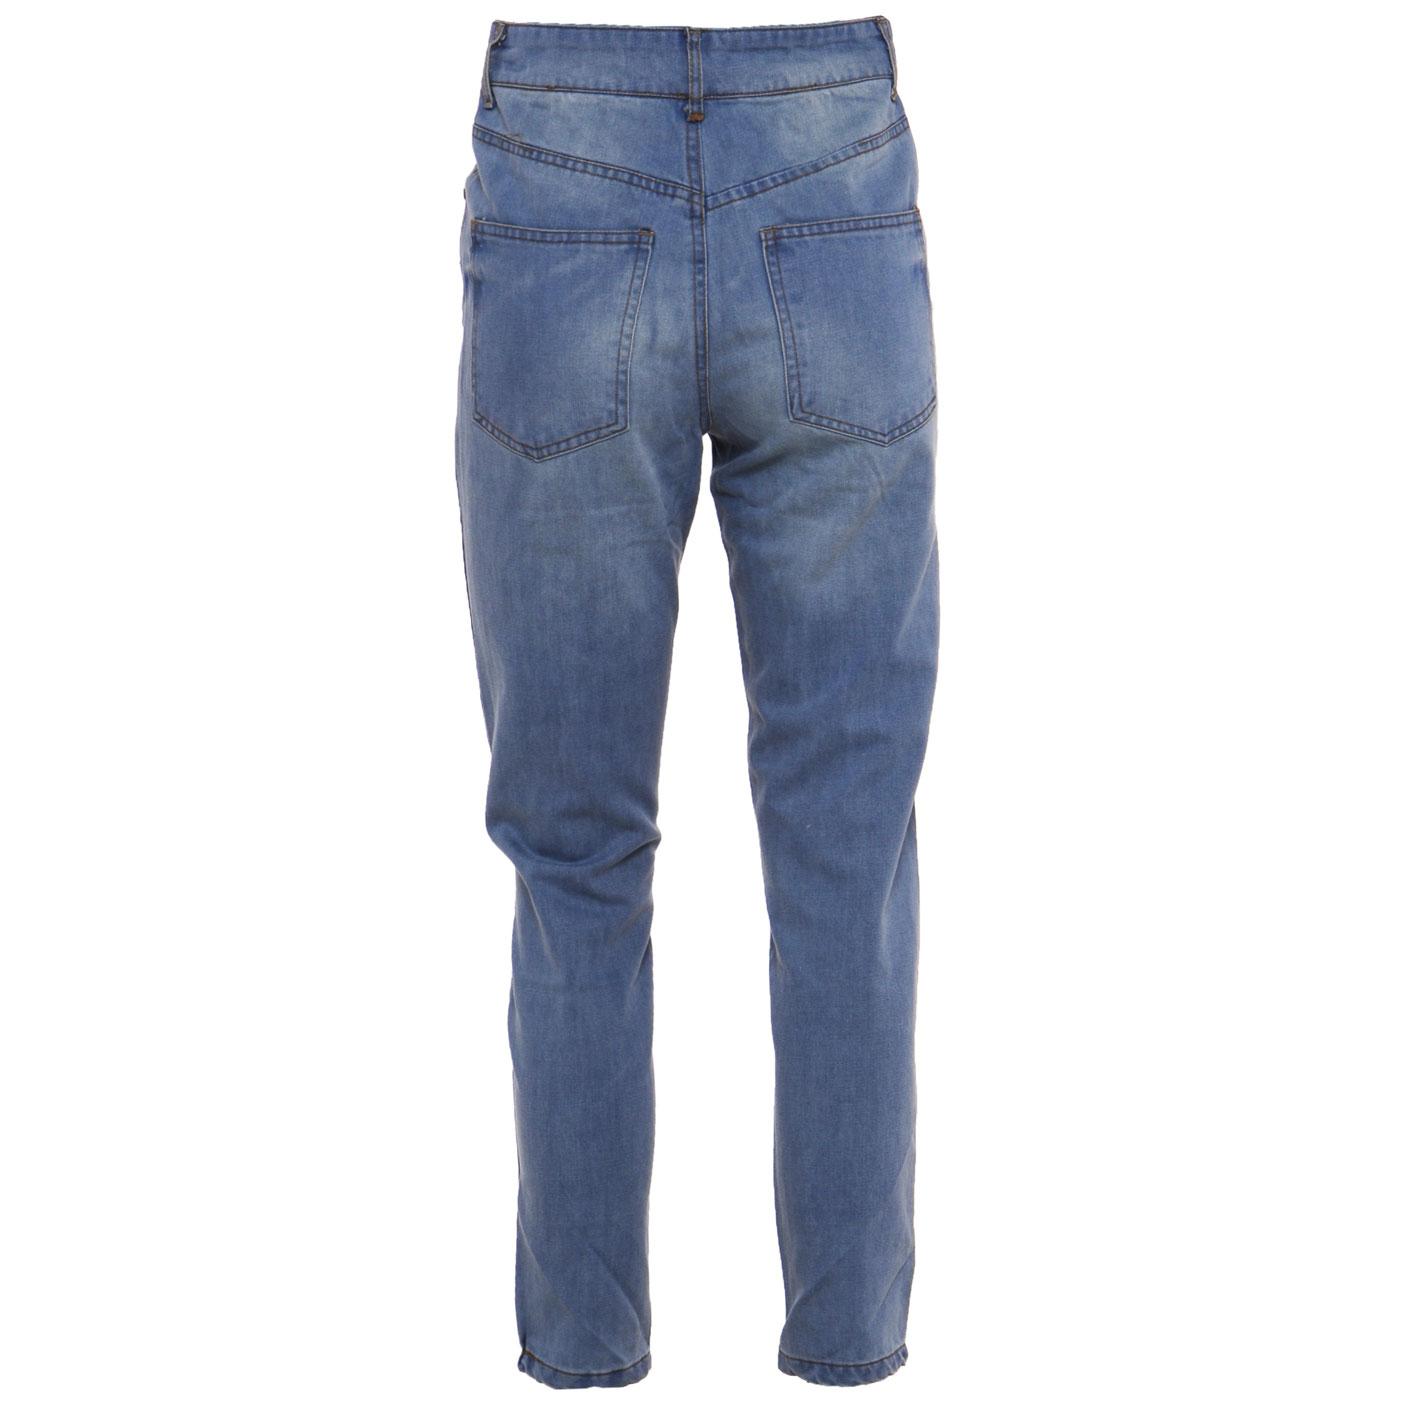 jeans damen 1980er 90er hoher bund denim gerader schnitt gr e eu 36 38 40 42 ebay. Black Bedroom Furniture Sets. Home Design Ideas